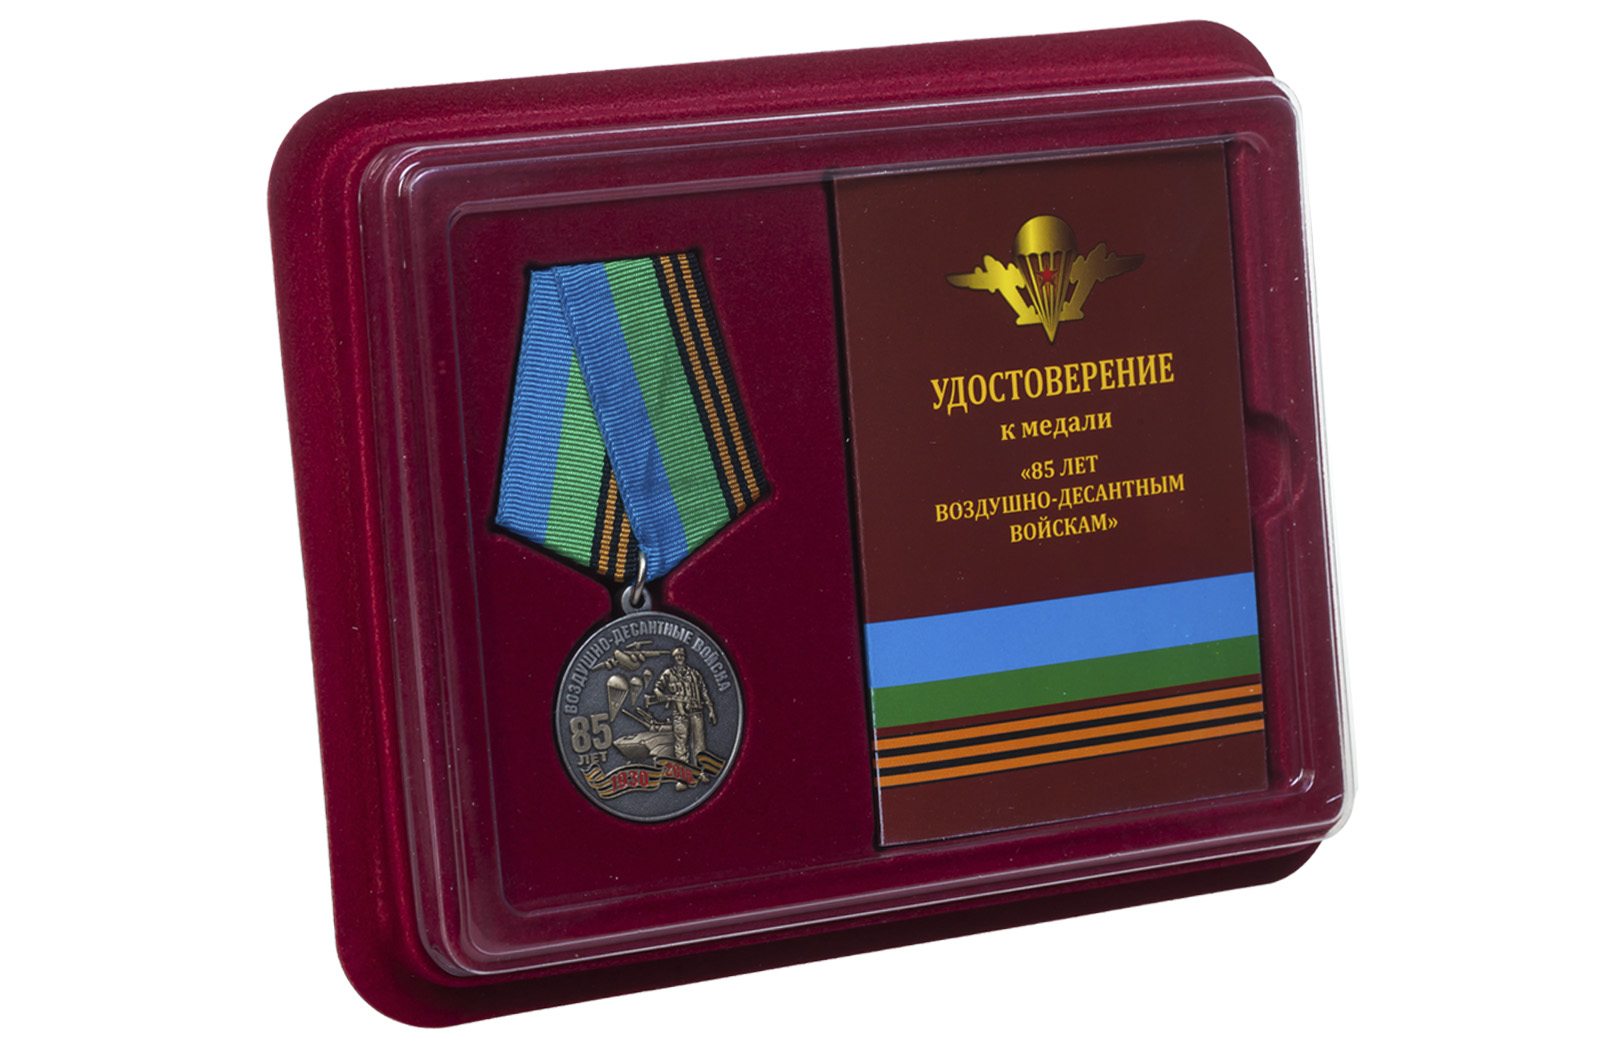 Медаль с символикой ВДВ - в футляре